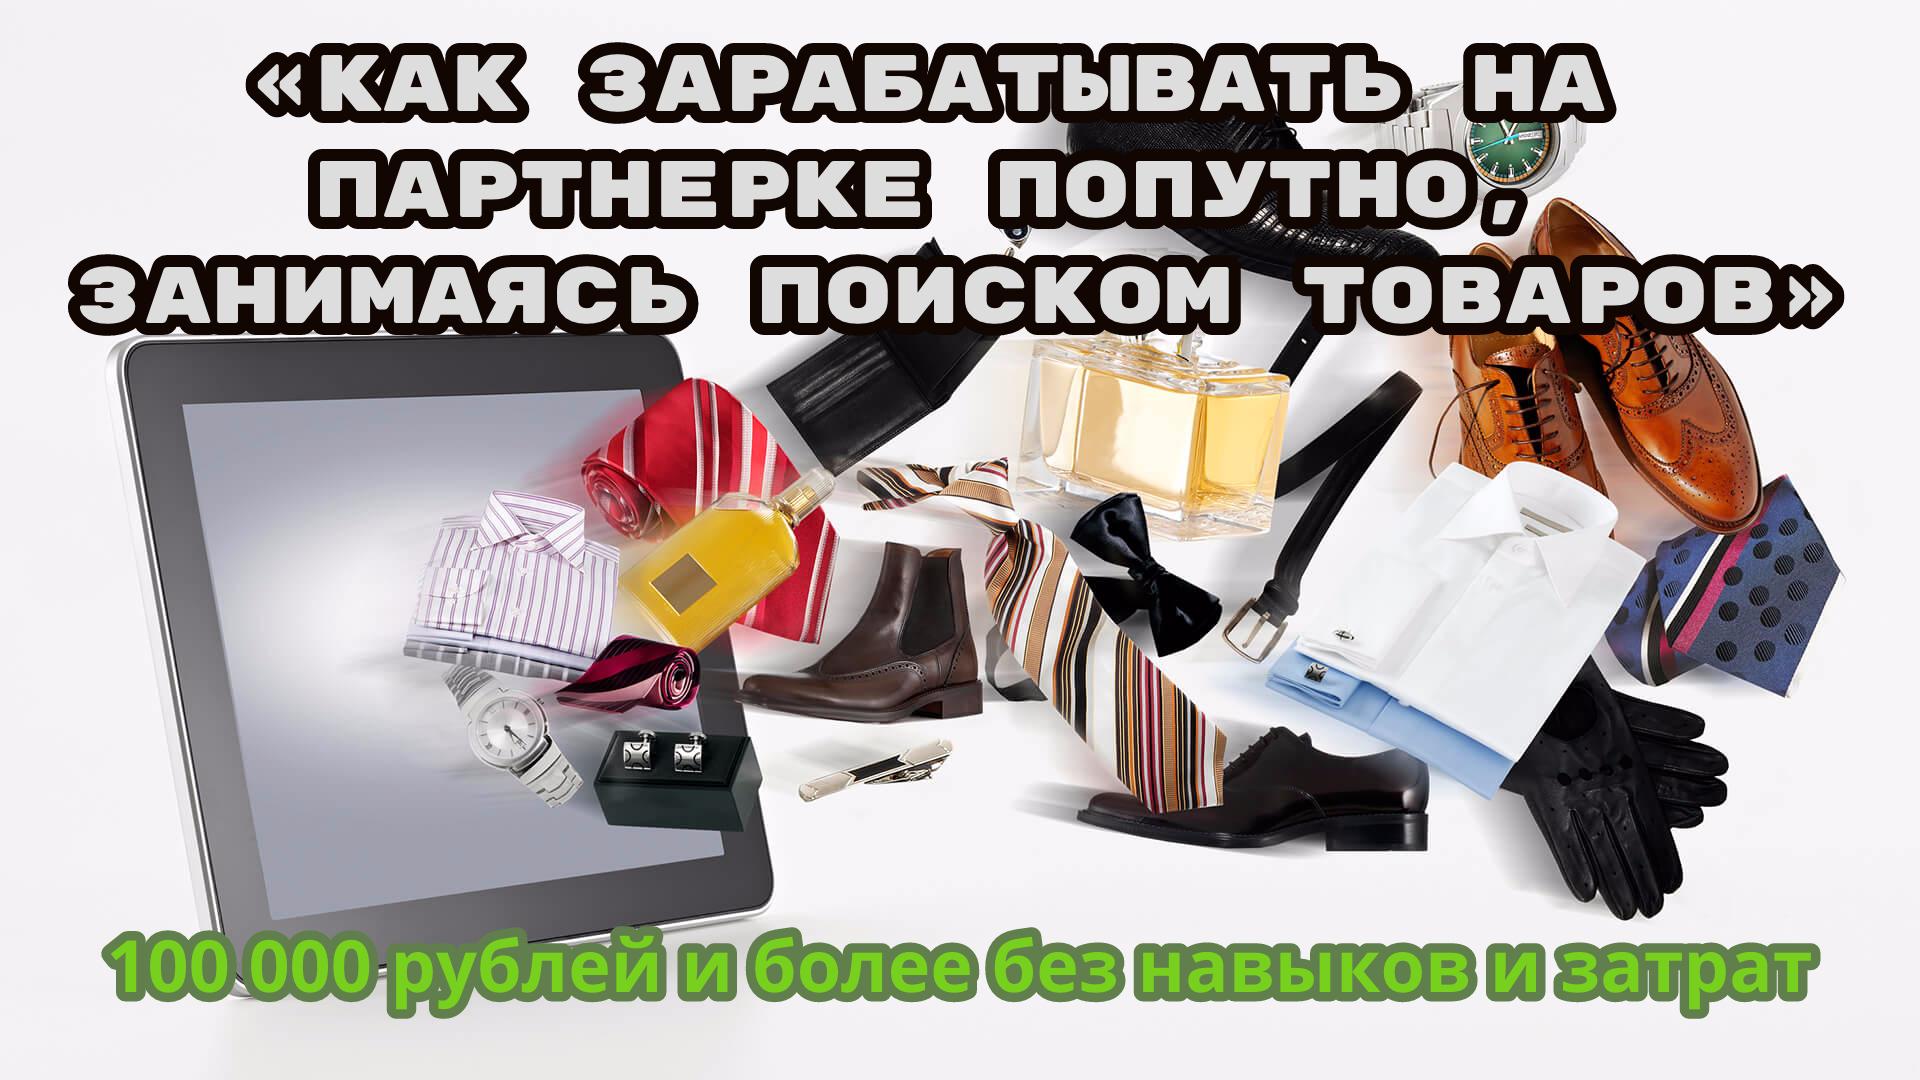 как зарабатывать, занимаясь поиском товаров